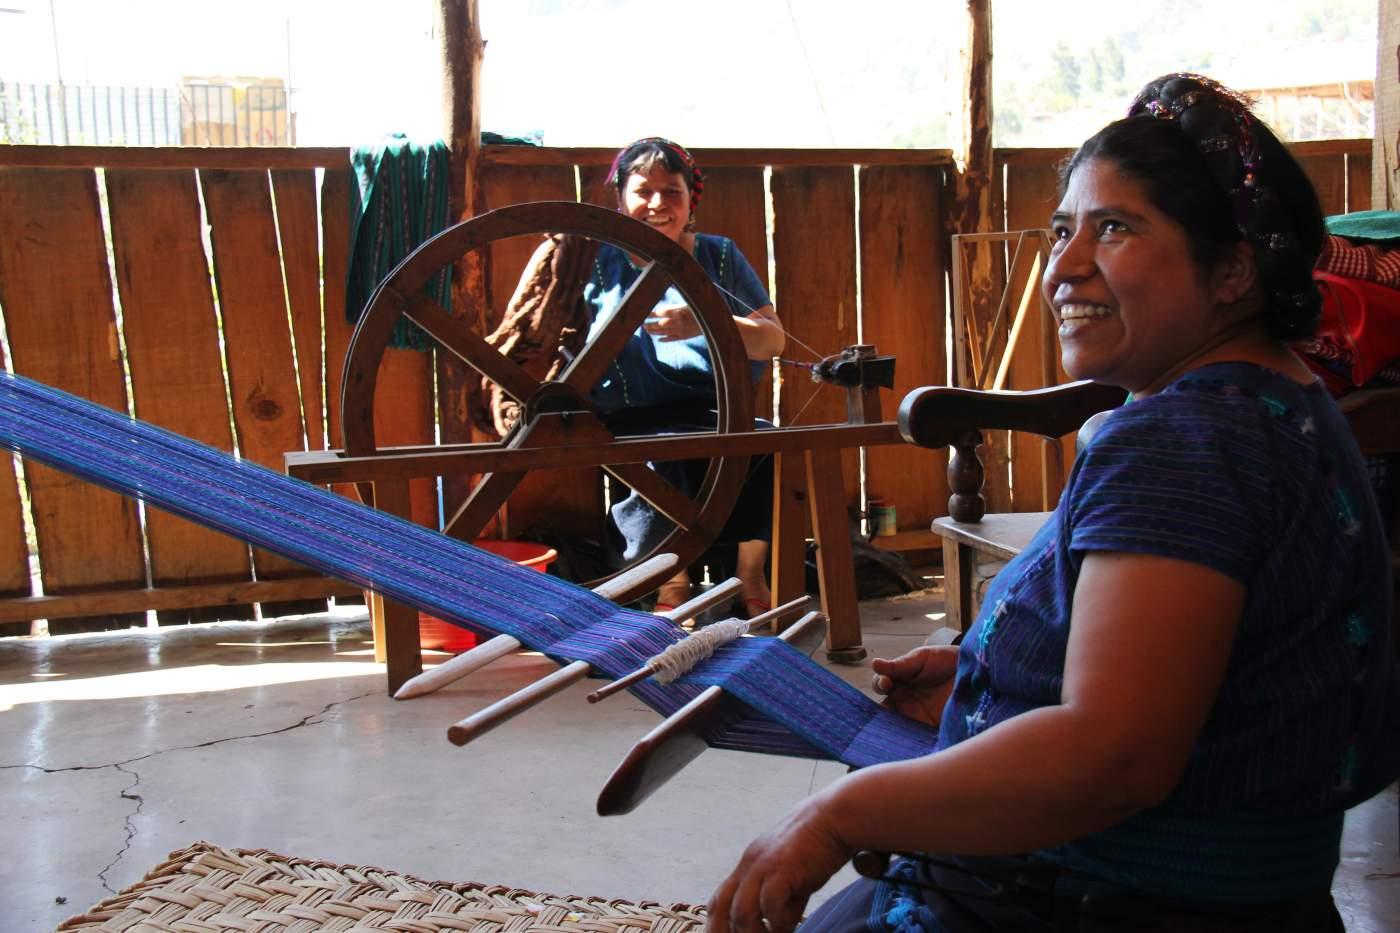 Einheimische in Guatemala beim Weben